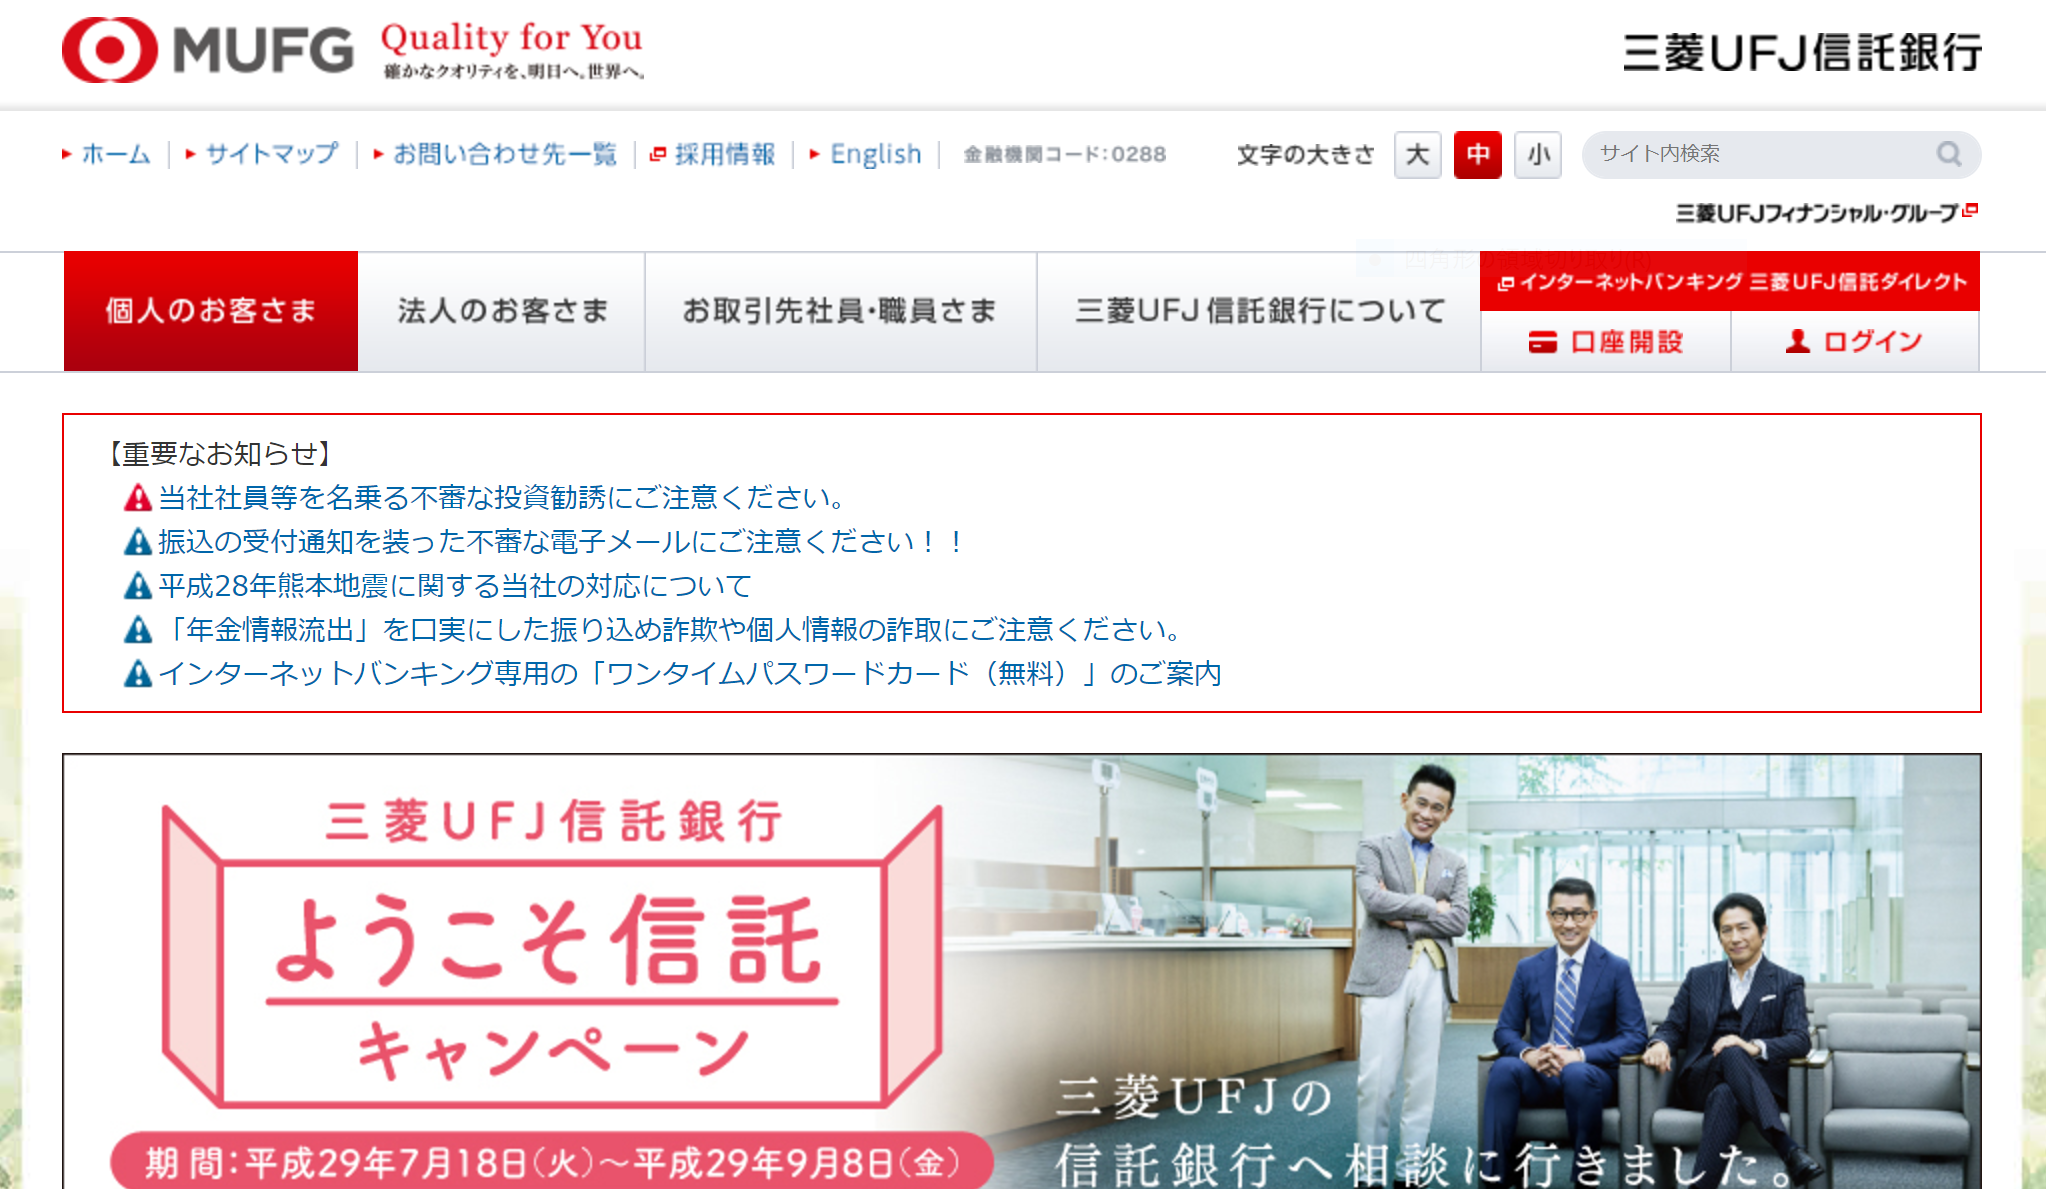 三菱ufj信託 金融機関コード